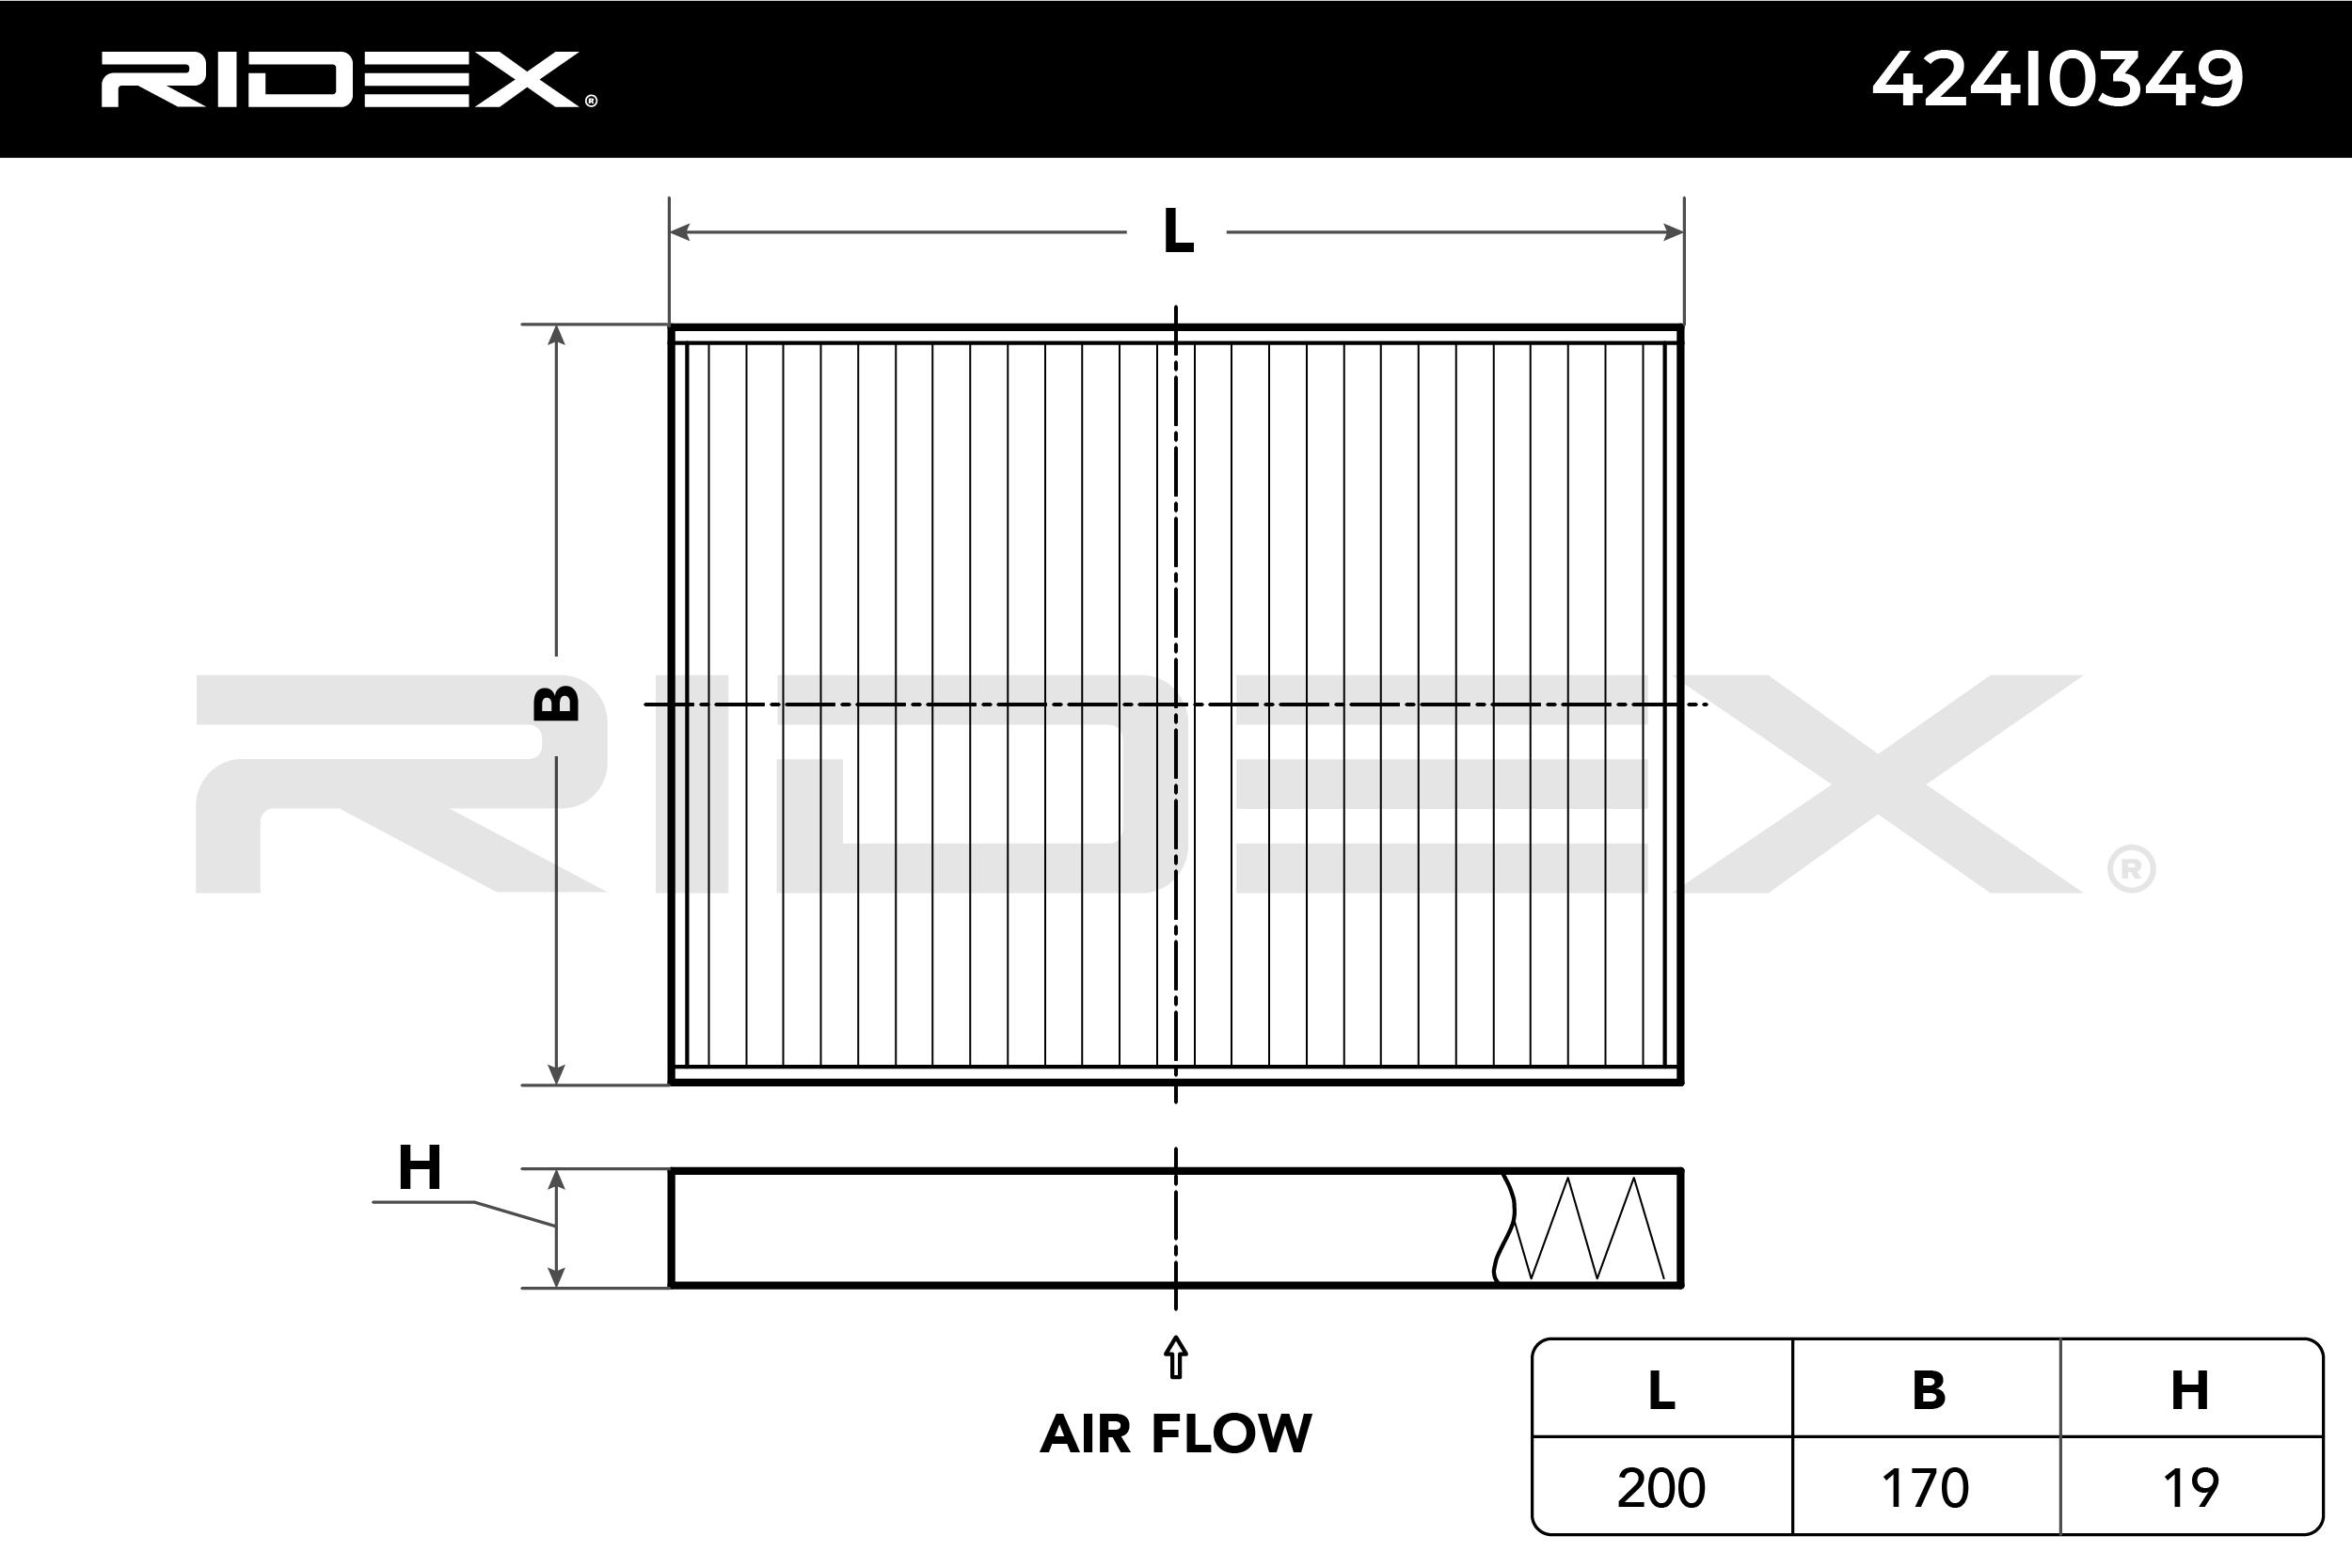 Achetez Pièces clim RIDEX 424I0349 (Largeur: 170mm, Hauteur: 19mm, Longueur: 200mm) à un rapport qualité-prix exceptionnel